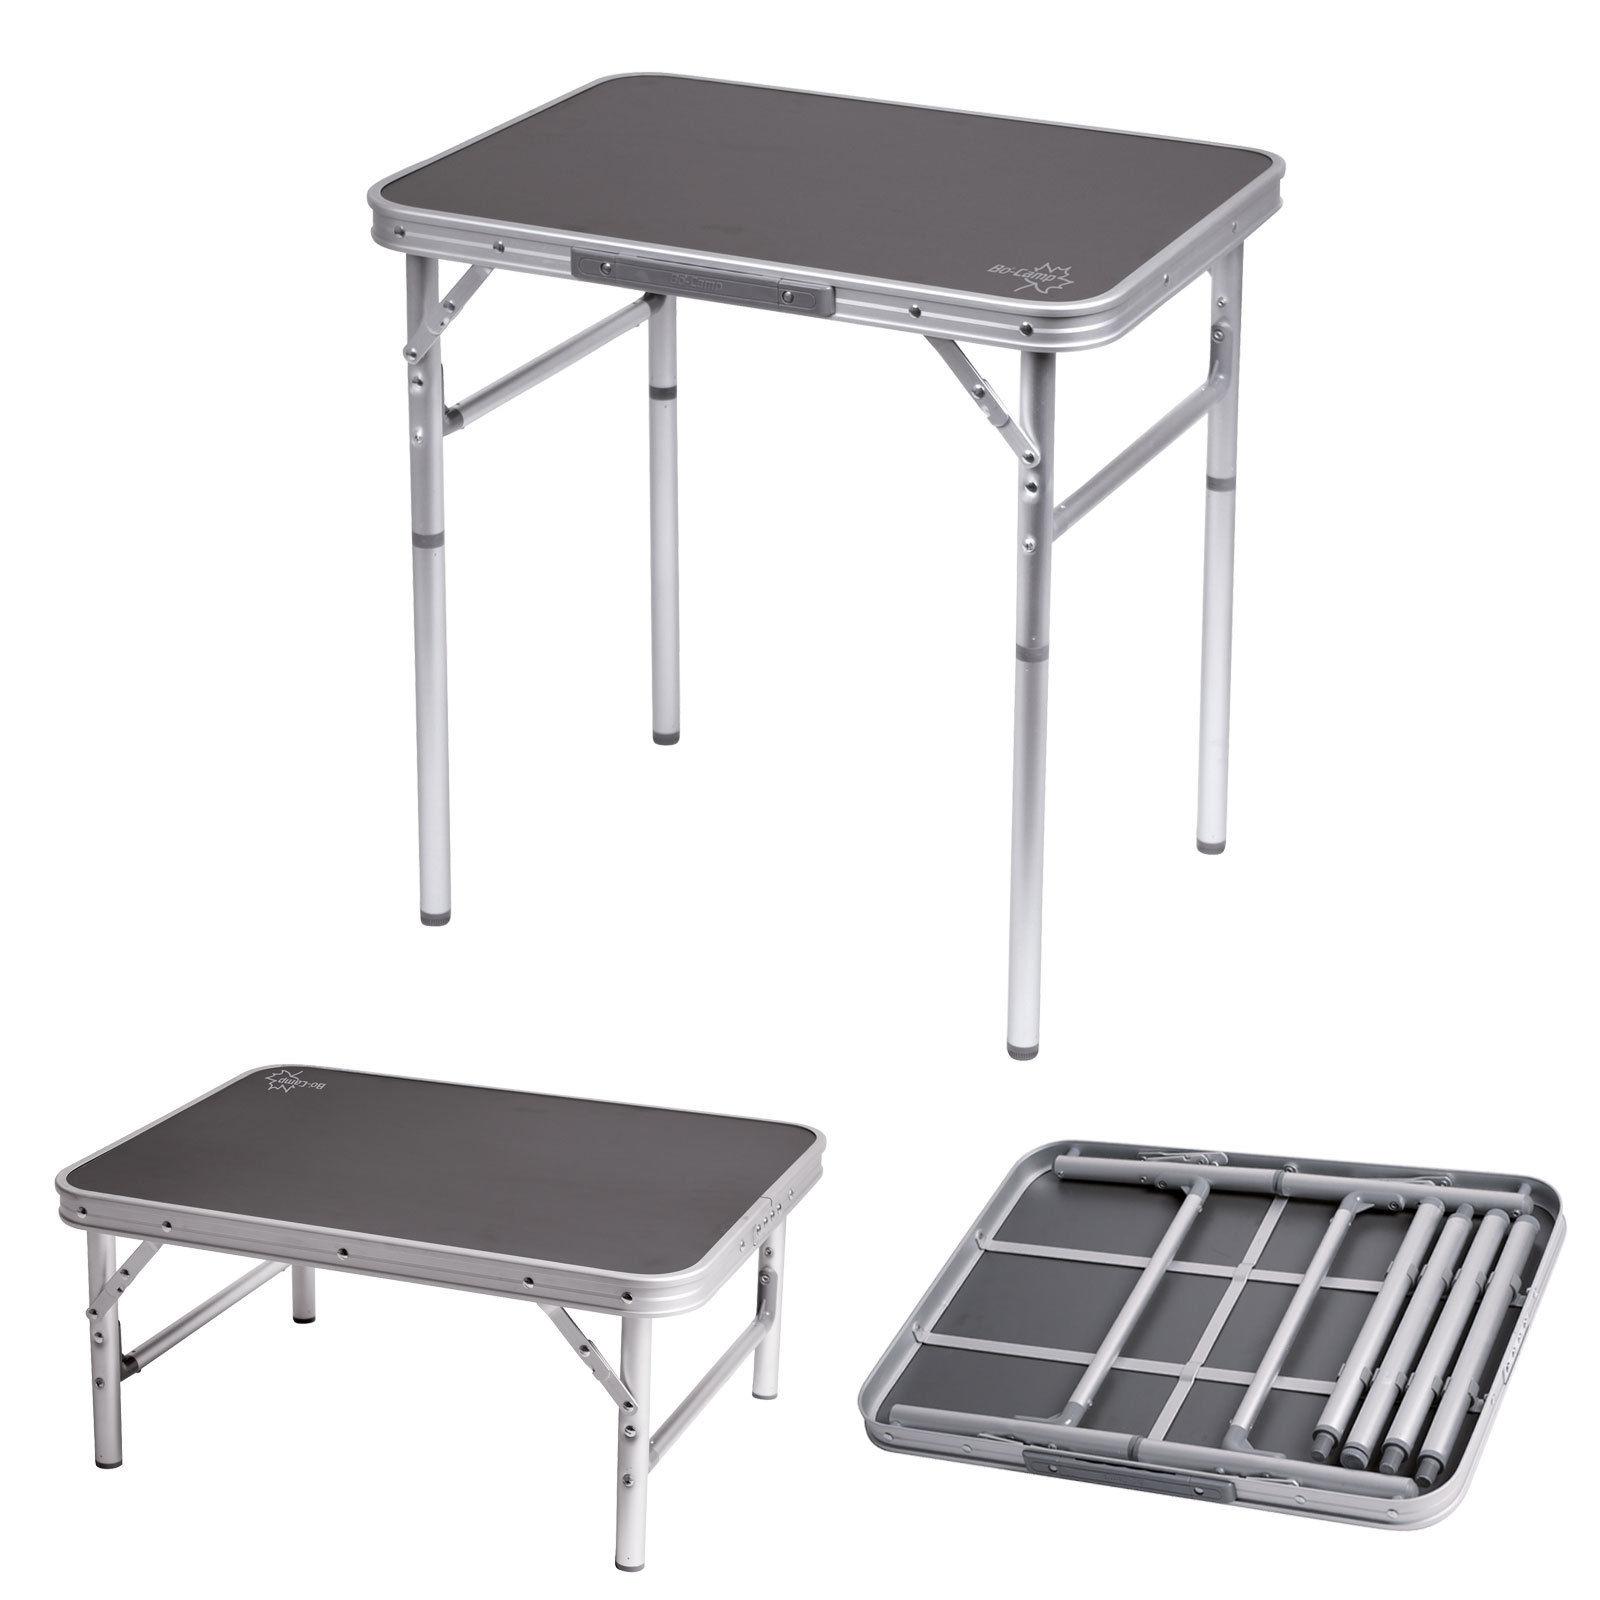 Mini Klapptisch.Details Zu Bo Camp Alu Mini Camping Klapptisch Koffer Falt Tisch Garten 2höhen Verstellbar